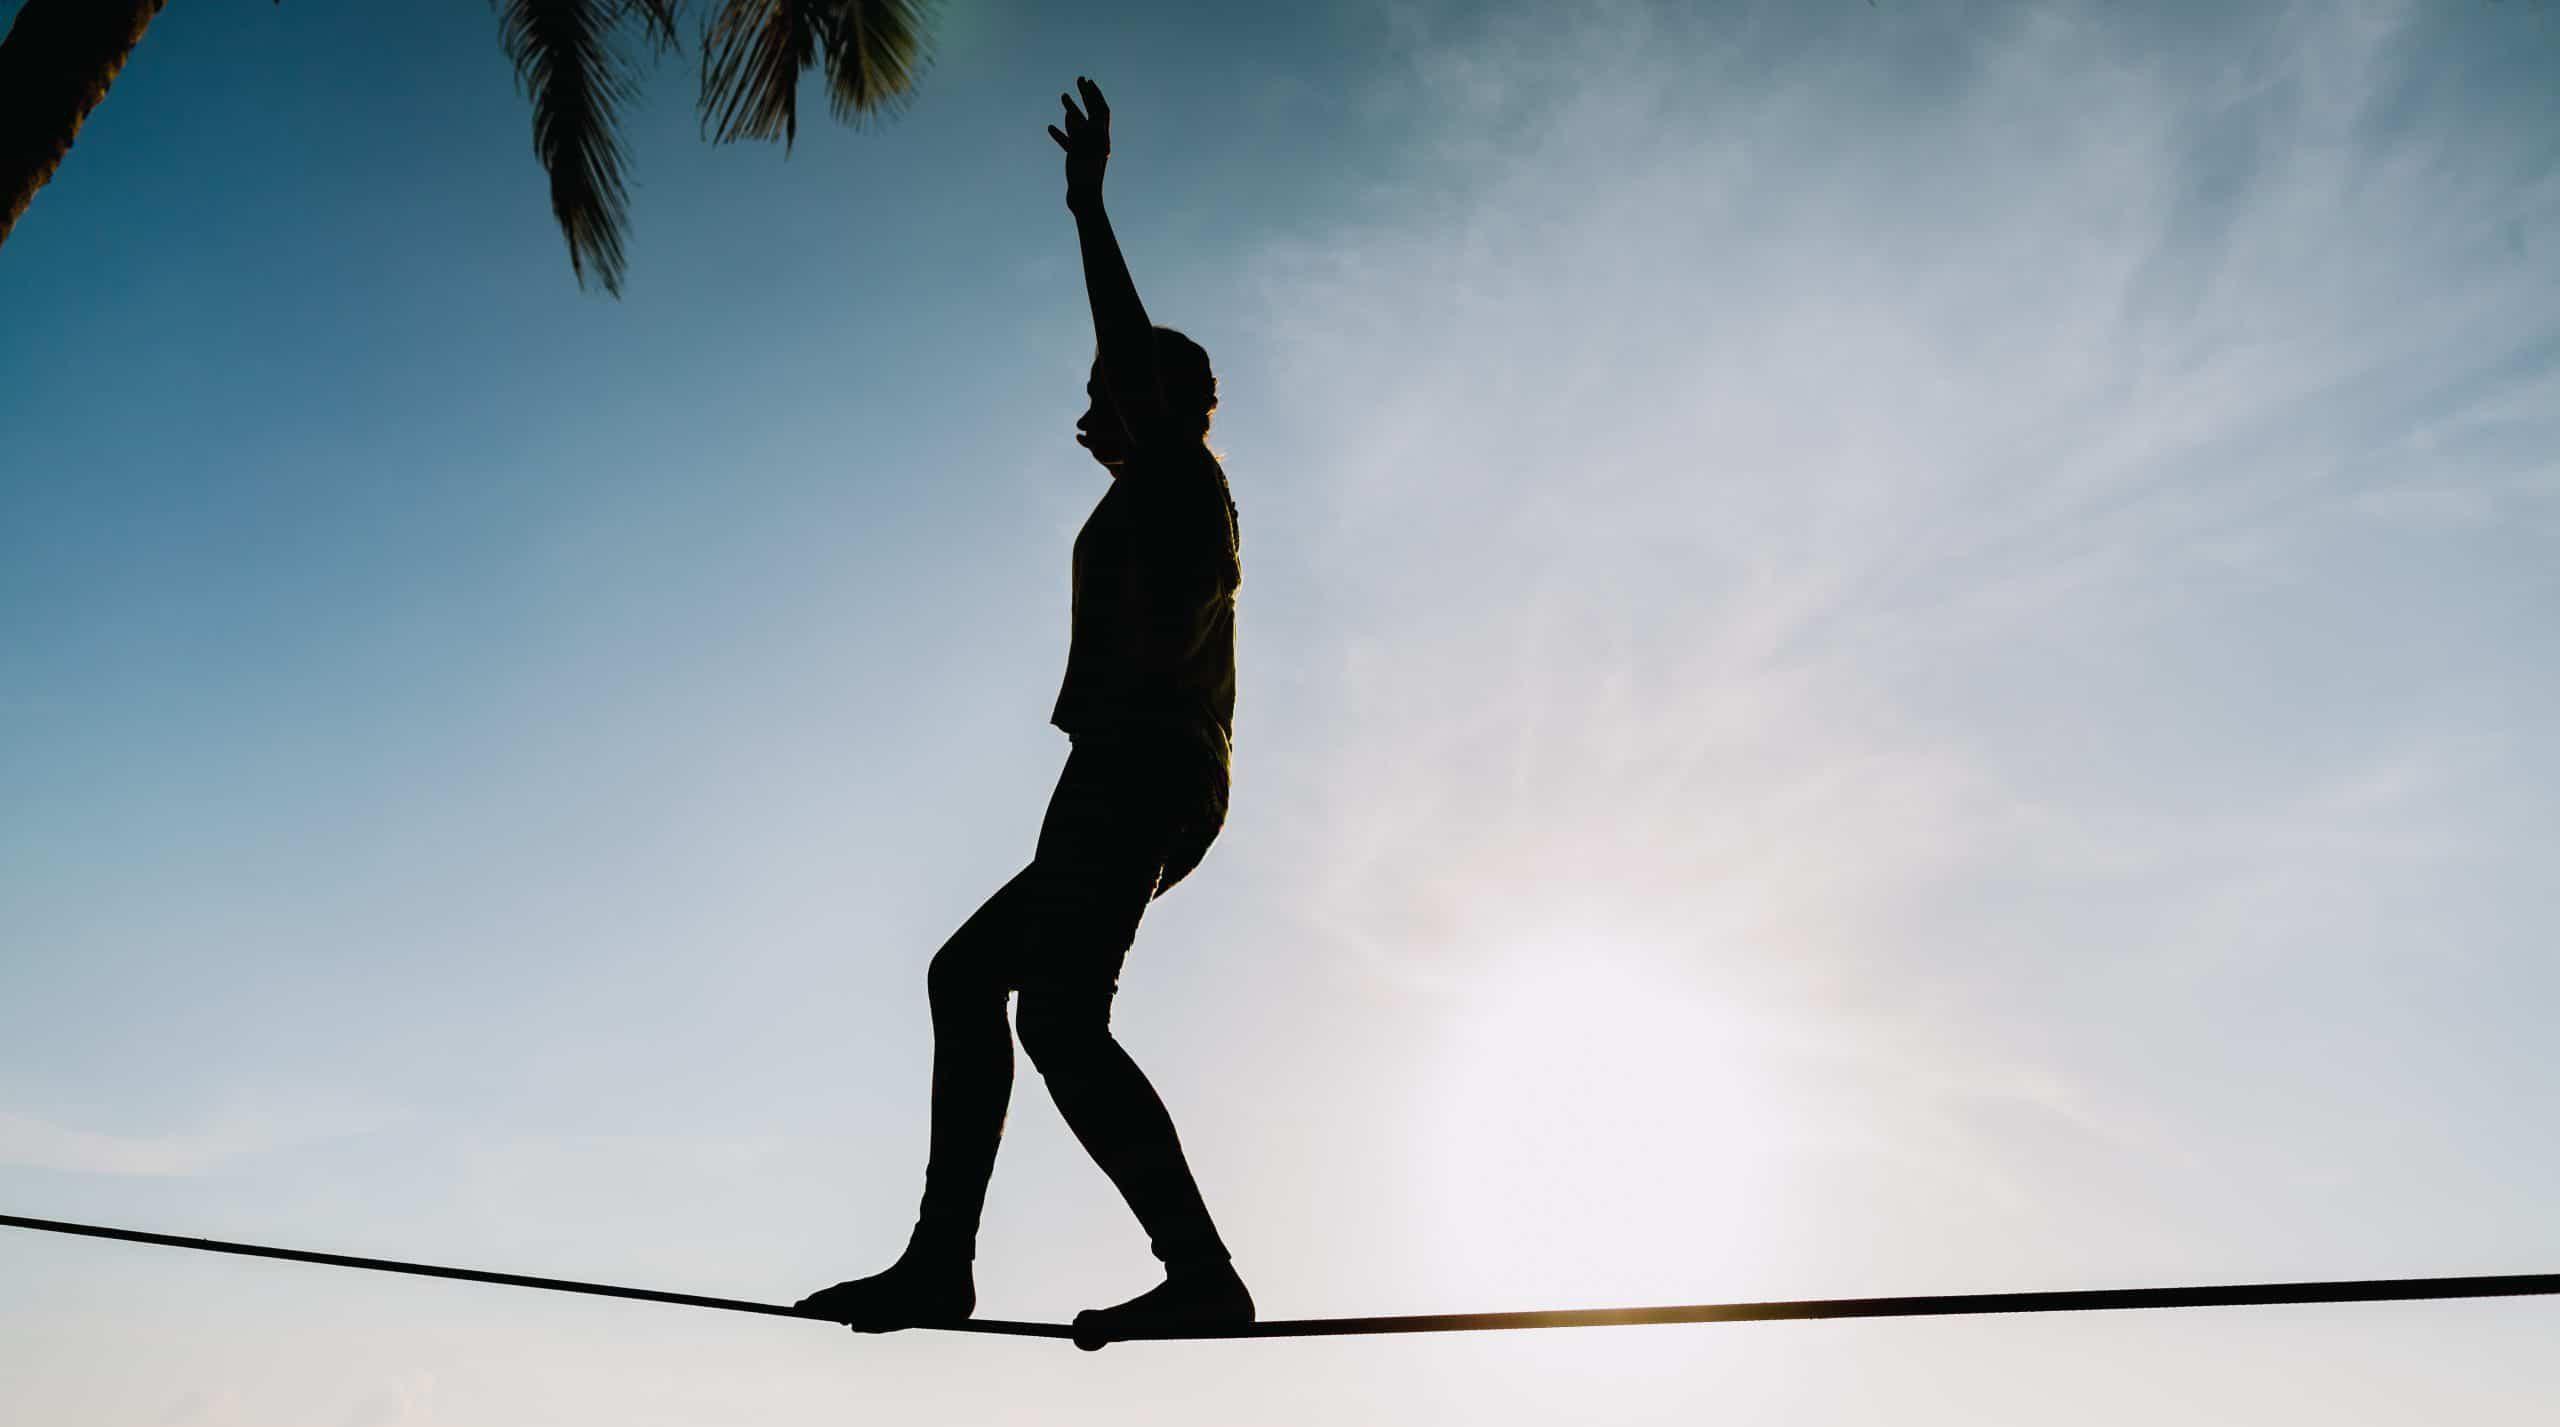 הרב יואב מלכא: חוסר האיזון שגרם למות נדב ואביהוא